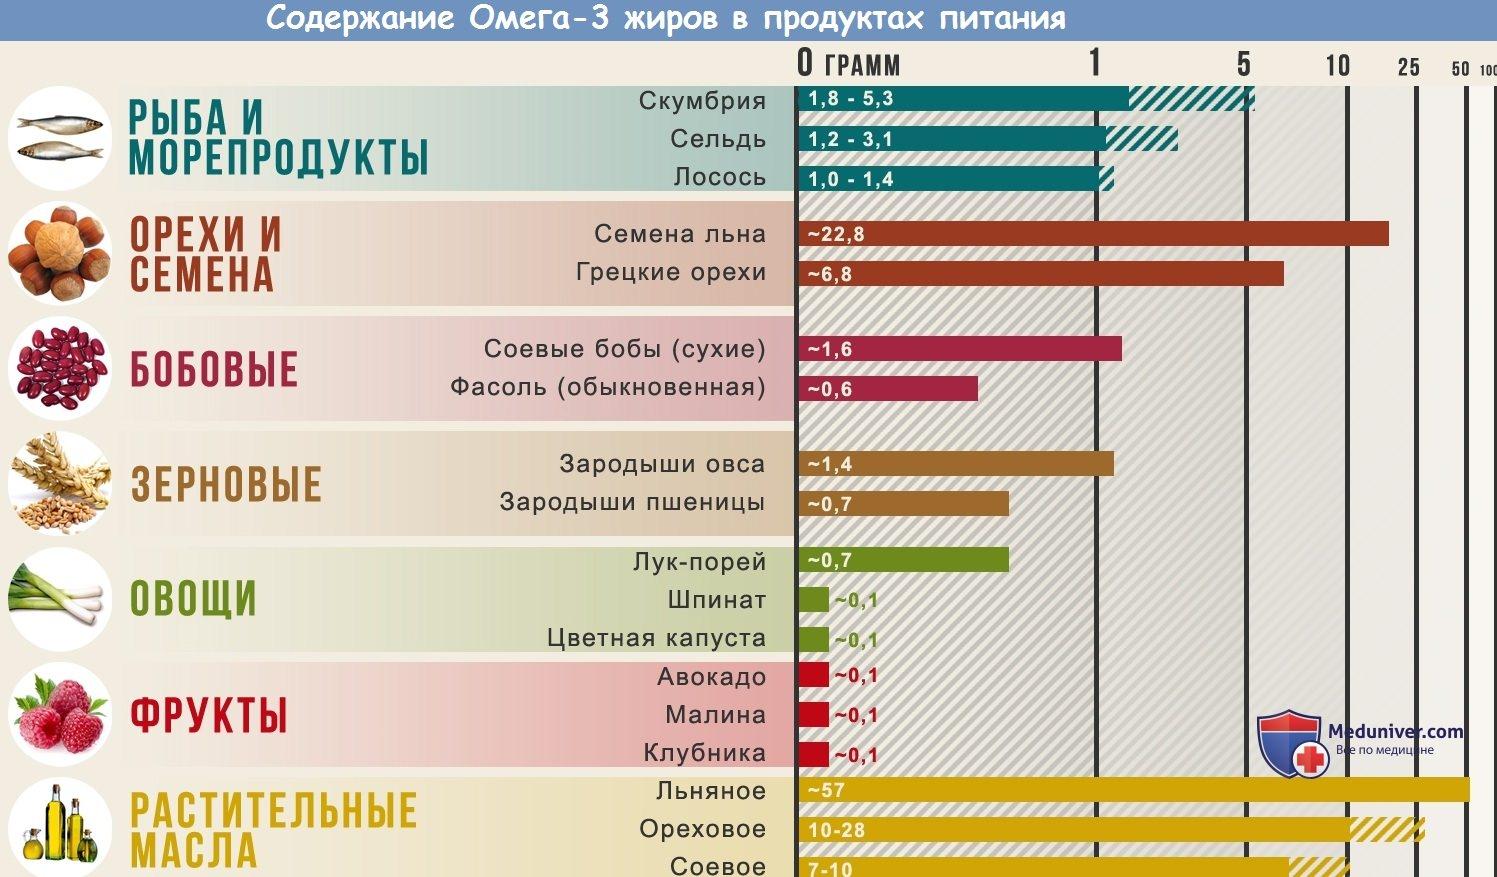 Продукты питания с наибольшим содержанием омега-3, суточная норма при повышенном холестерине